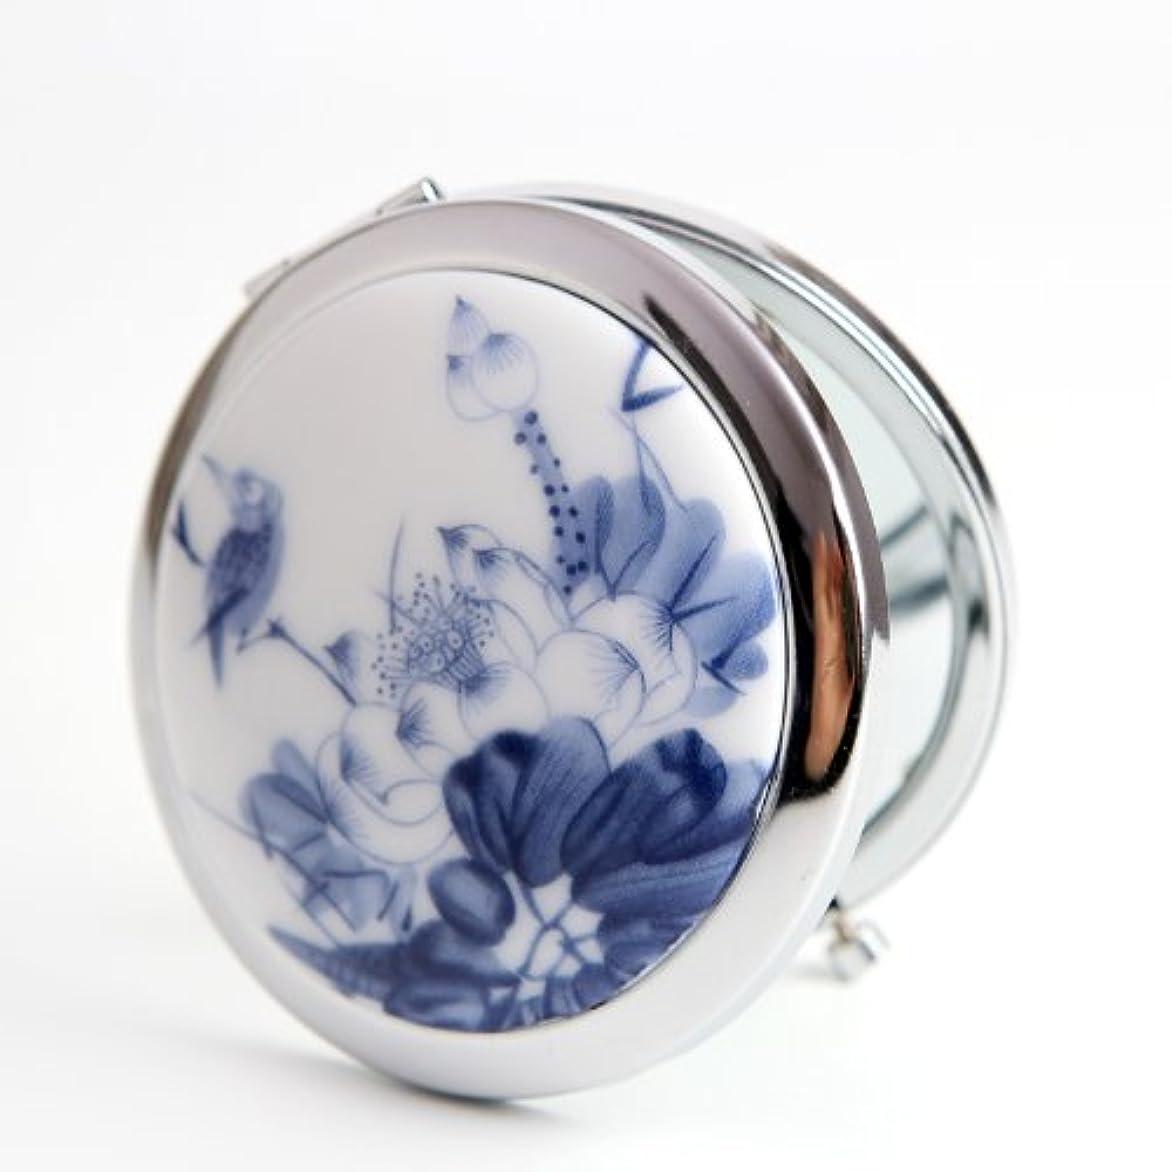 まあ気をつけてエクスタシー手作り 手鏡 レディース コンパクトミラー 化粧鏡 携帯ミラー 細かなメイクや日々のスキンケアに最適!